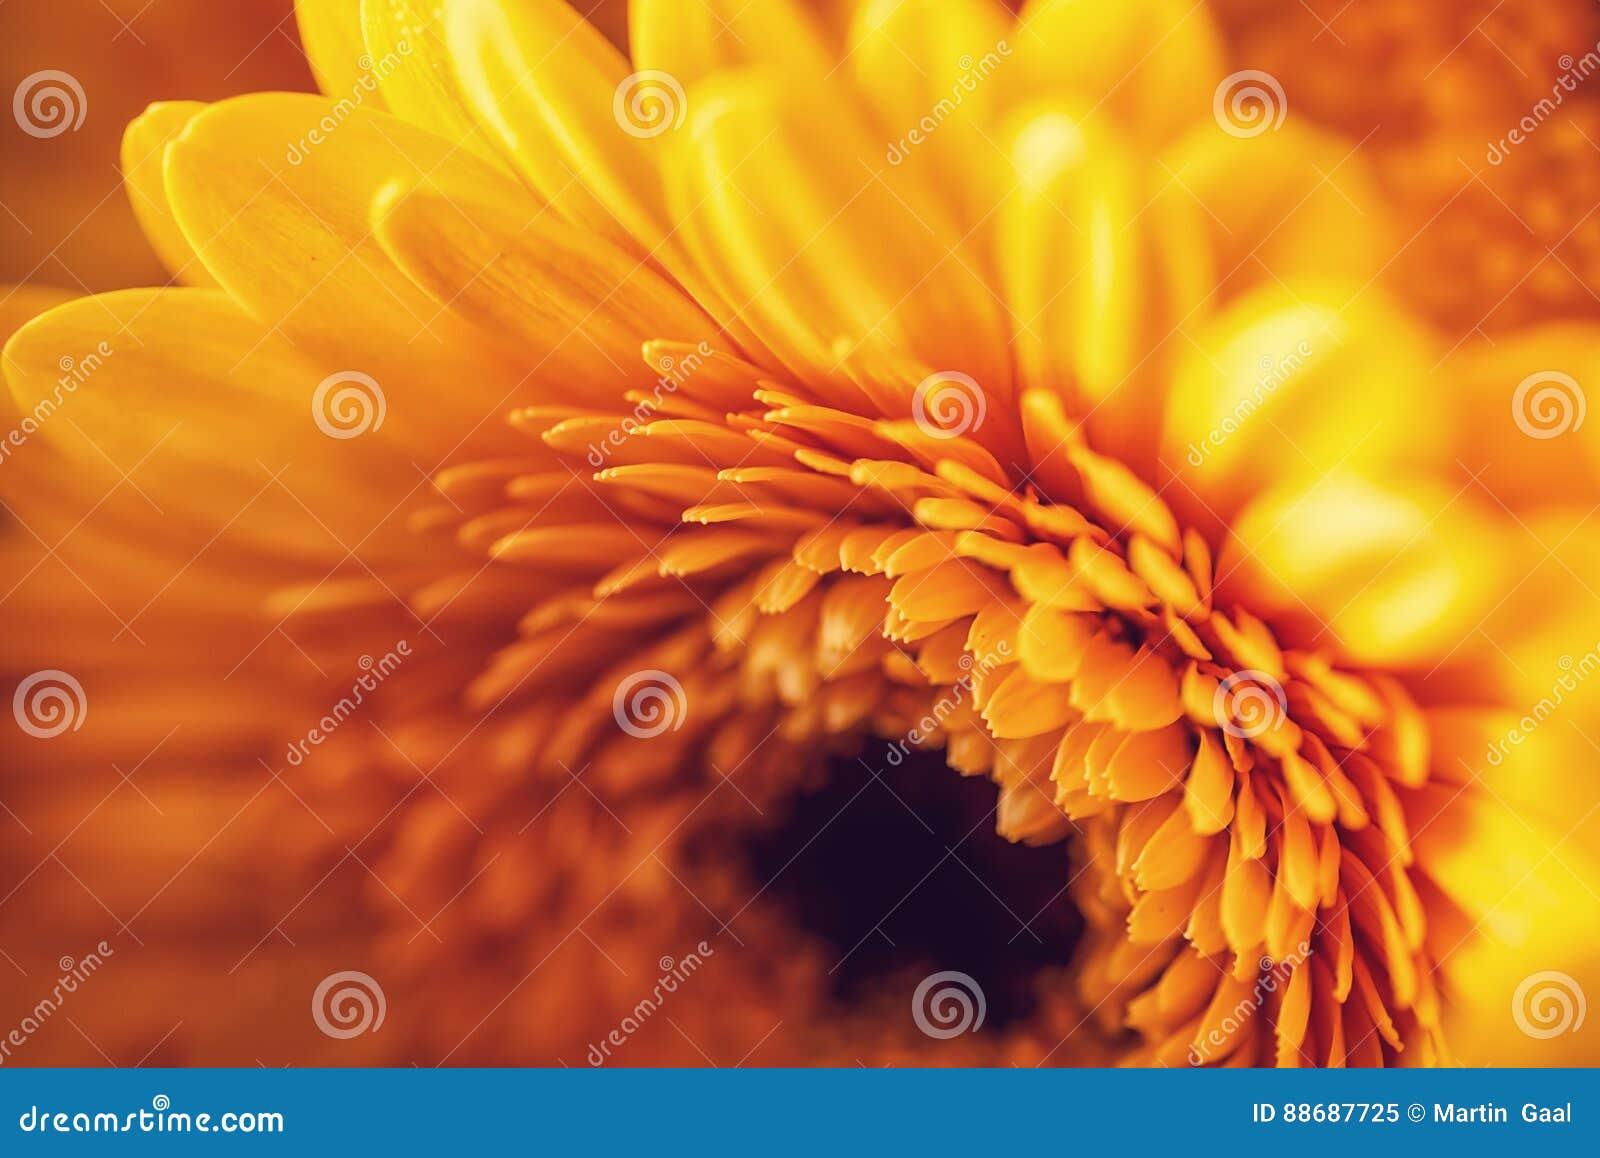 Фото желтых gerberas, фотографии макроса и предпосылки цветков Желтая маргаритка